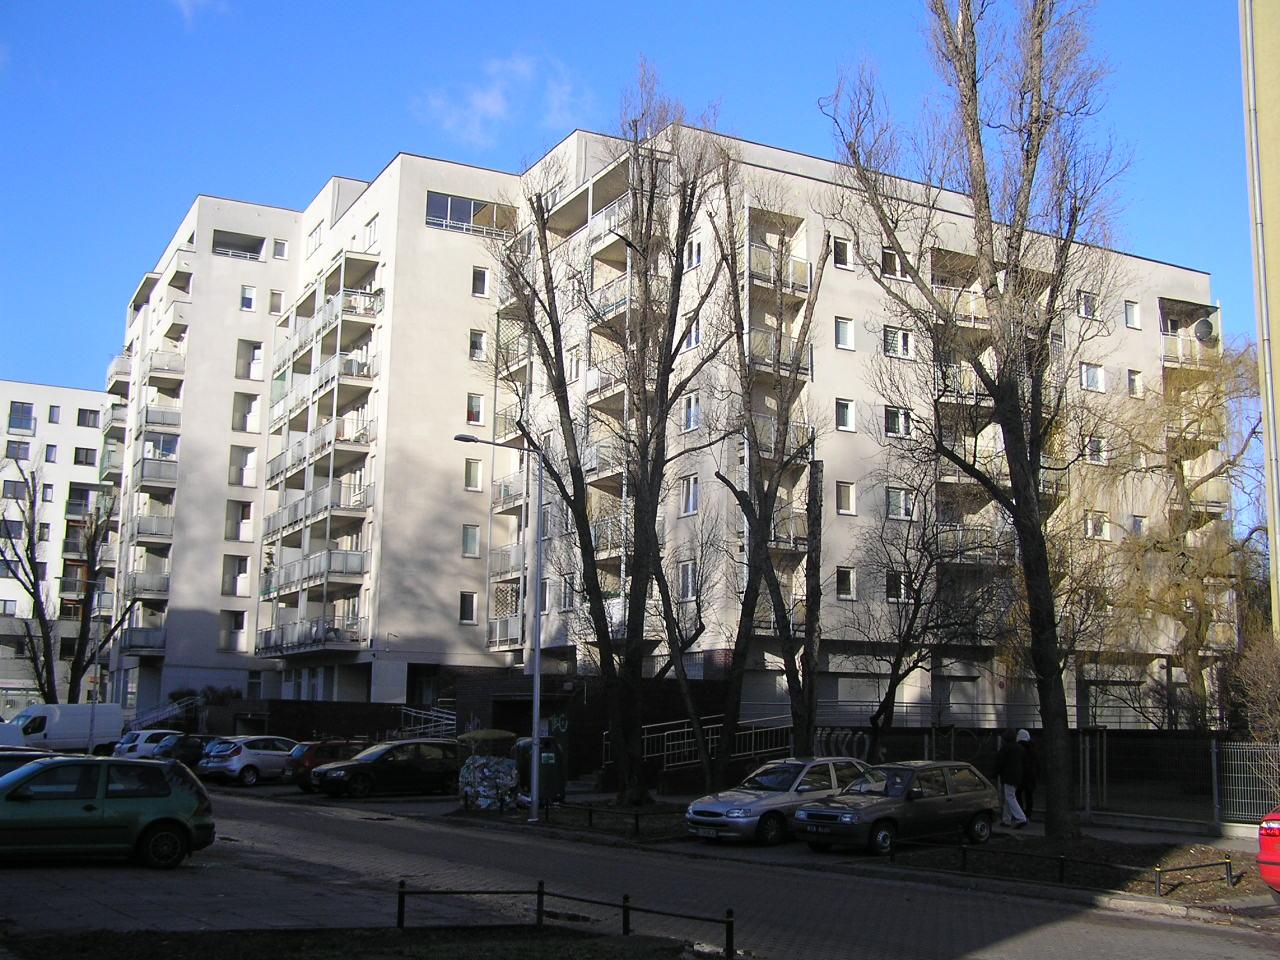 Osowska 82